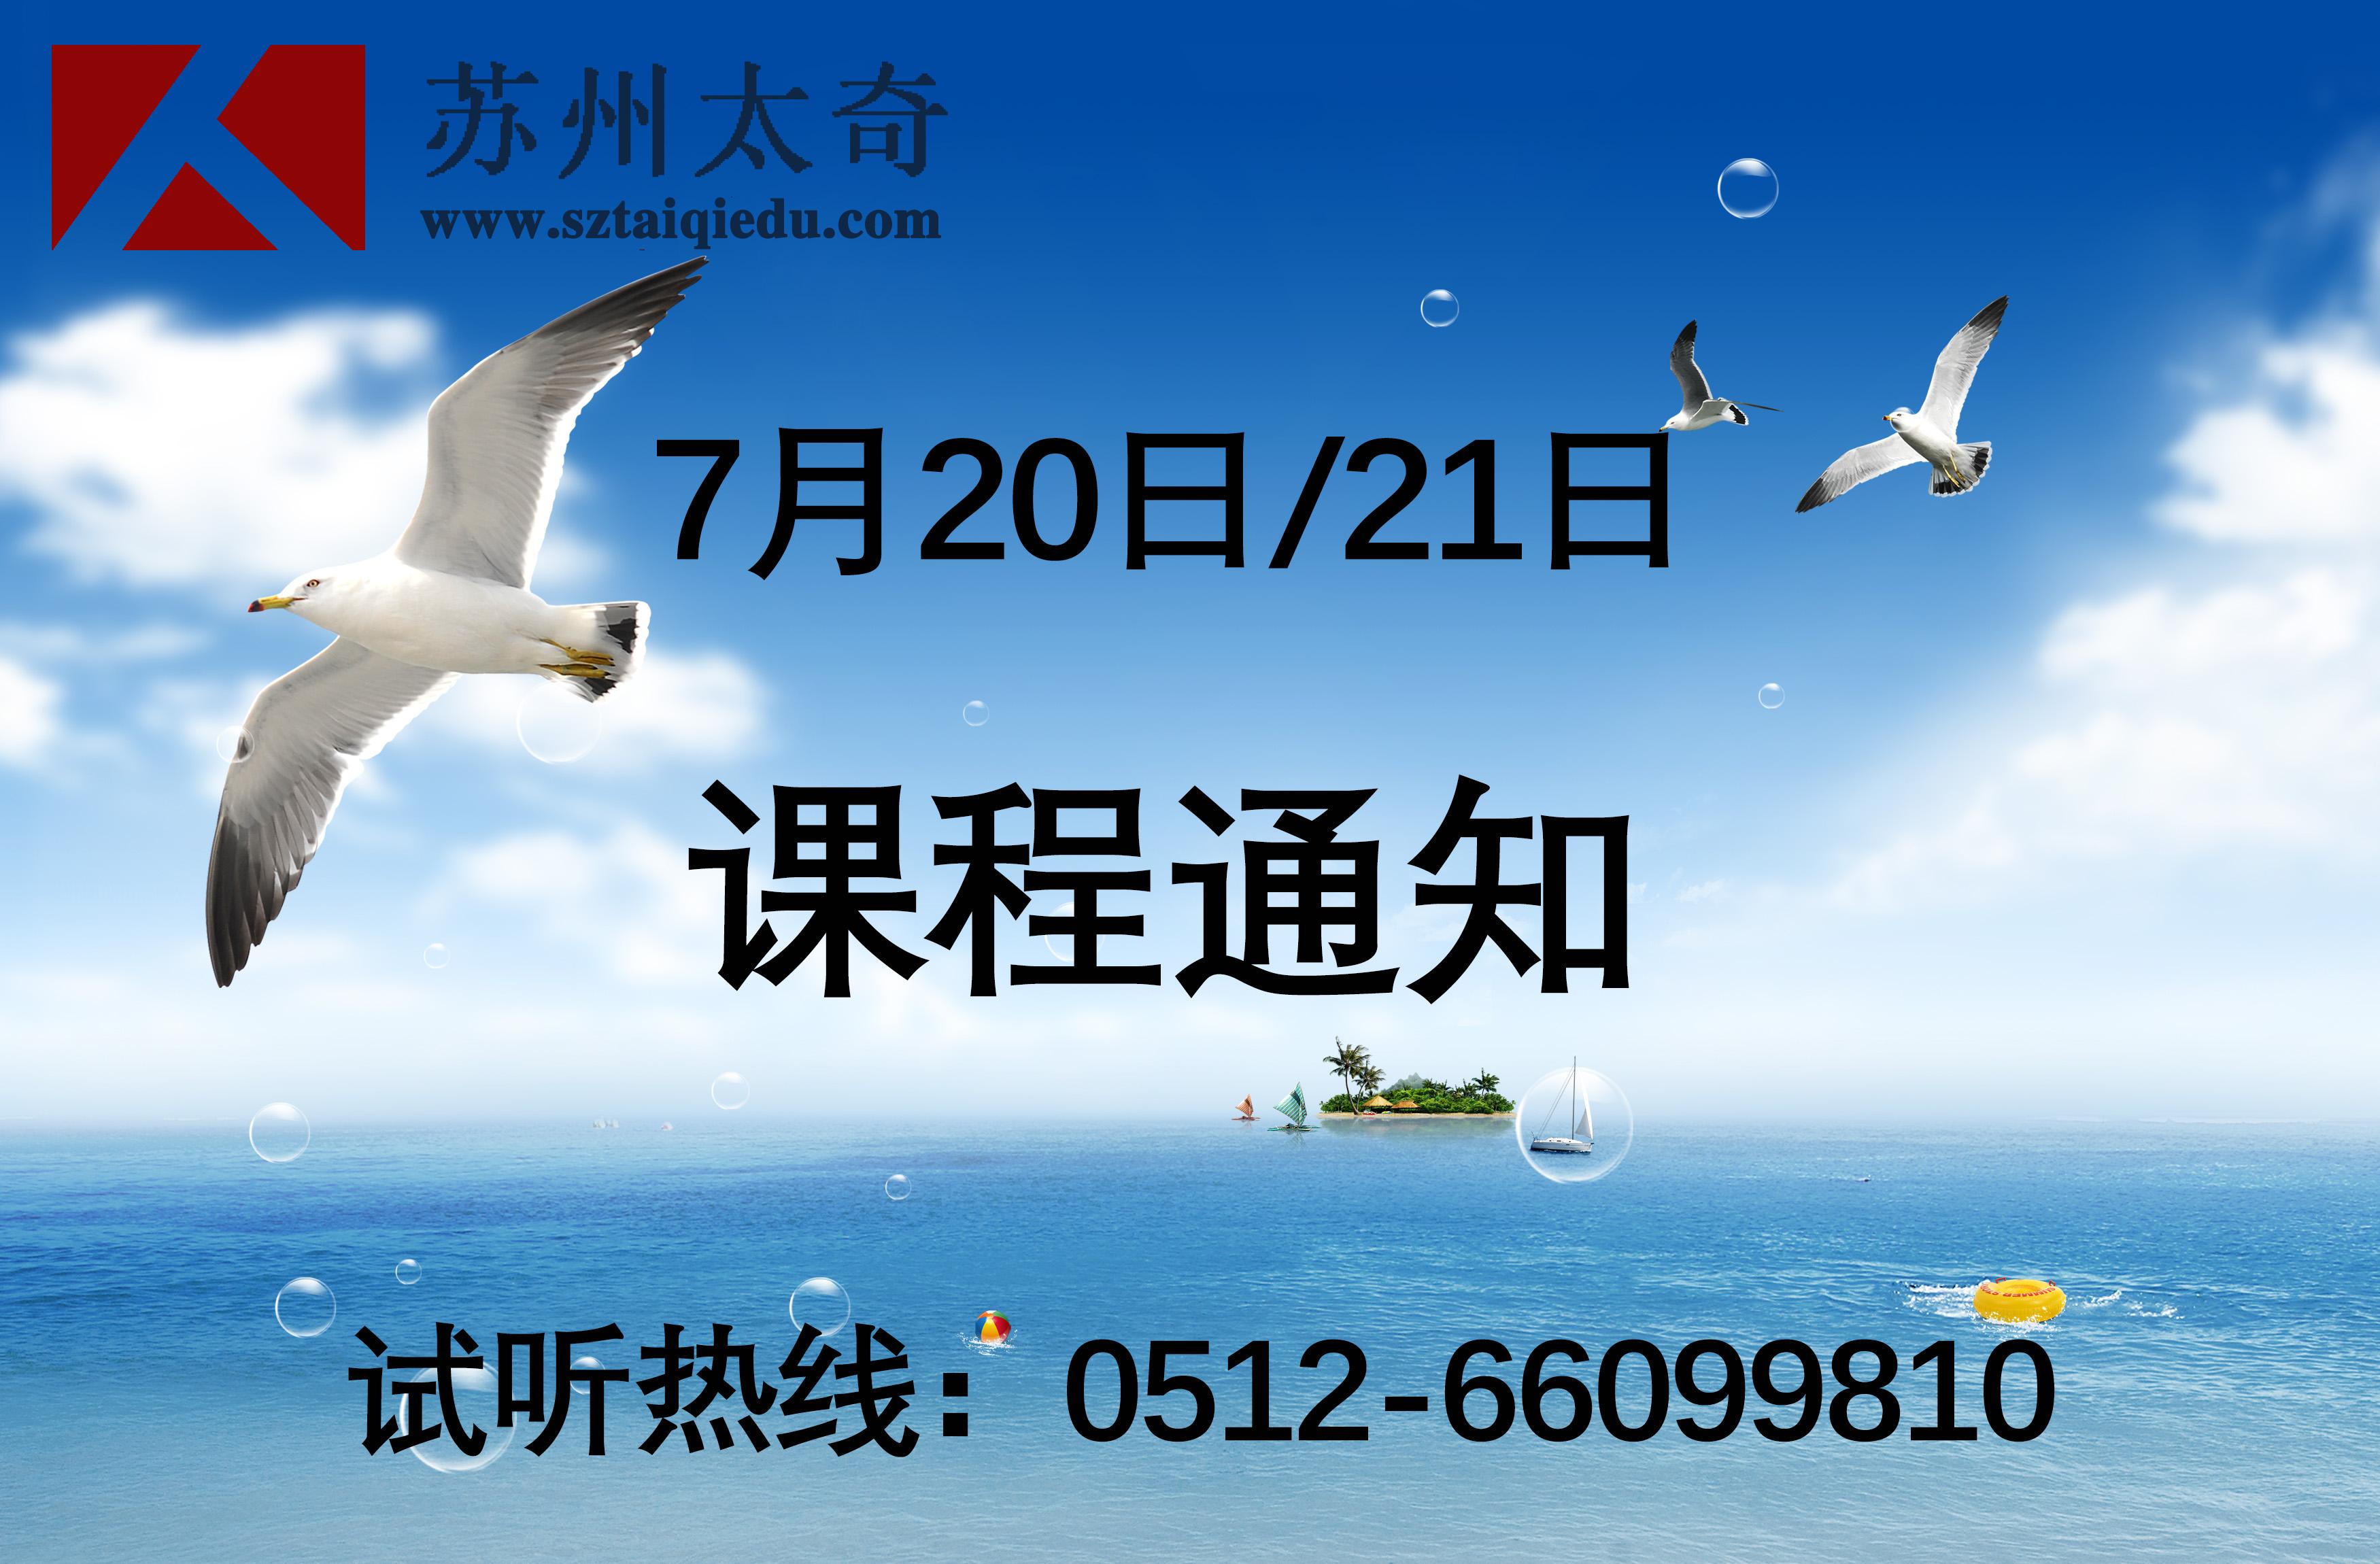 苏州太奇考研7.20/21日课程通知